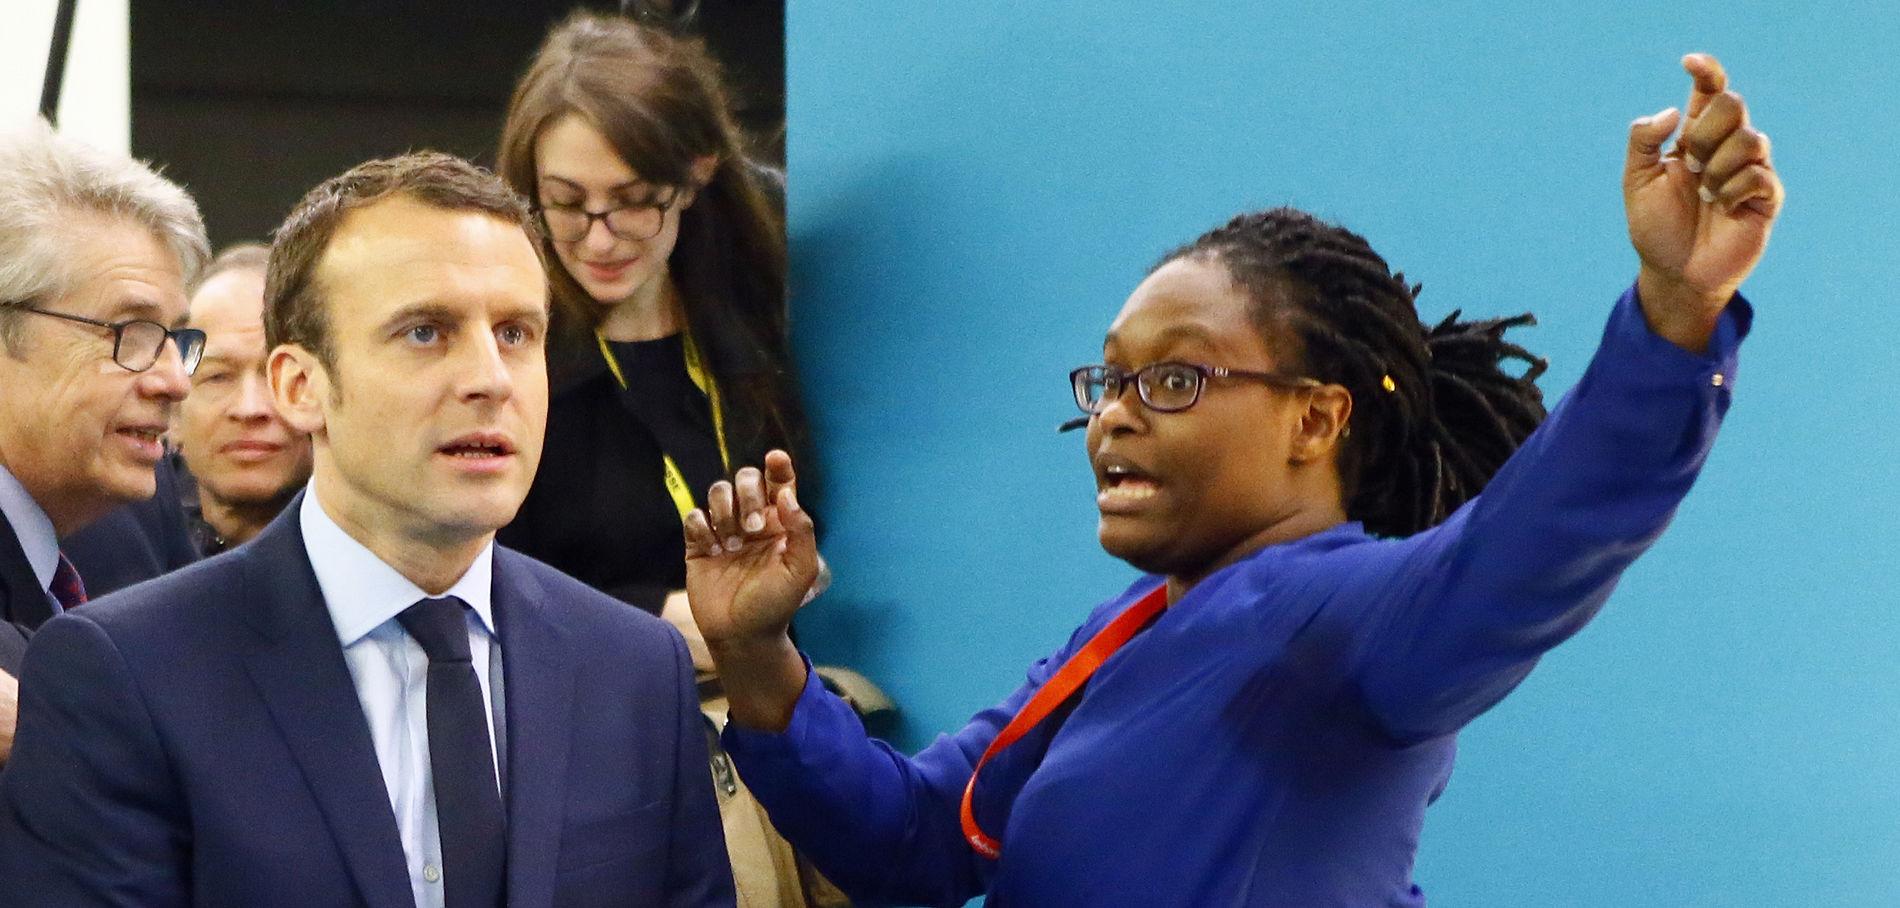 """""""Yes, la meuf est dead"""": Sibeth Ndiaye dément avoir envoyé ce texto sur Simone Veil à un journaliste"""